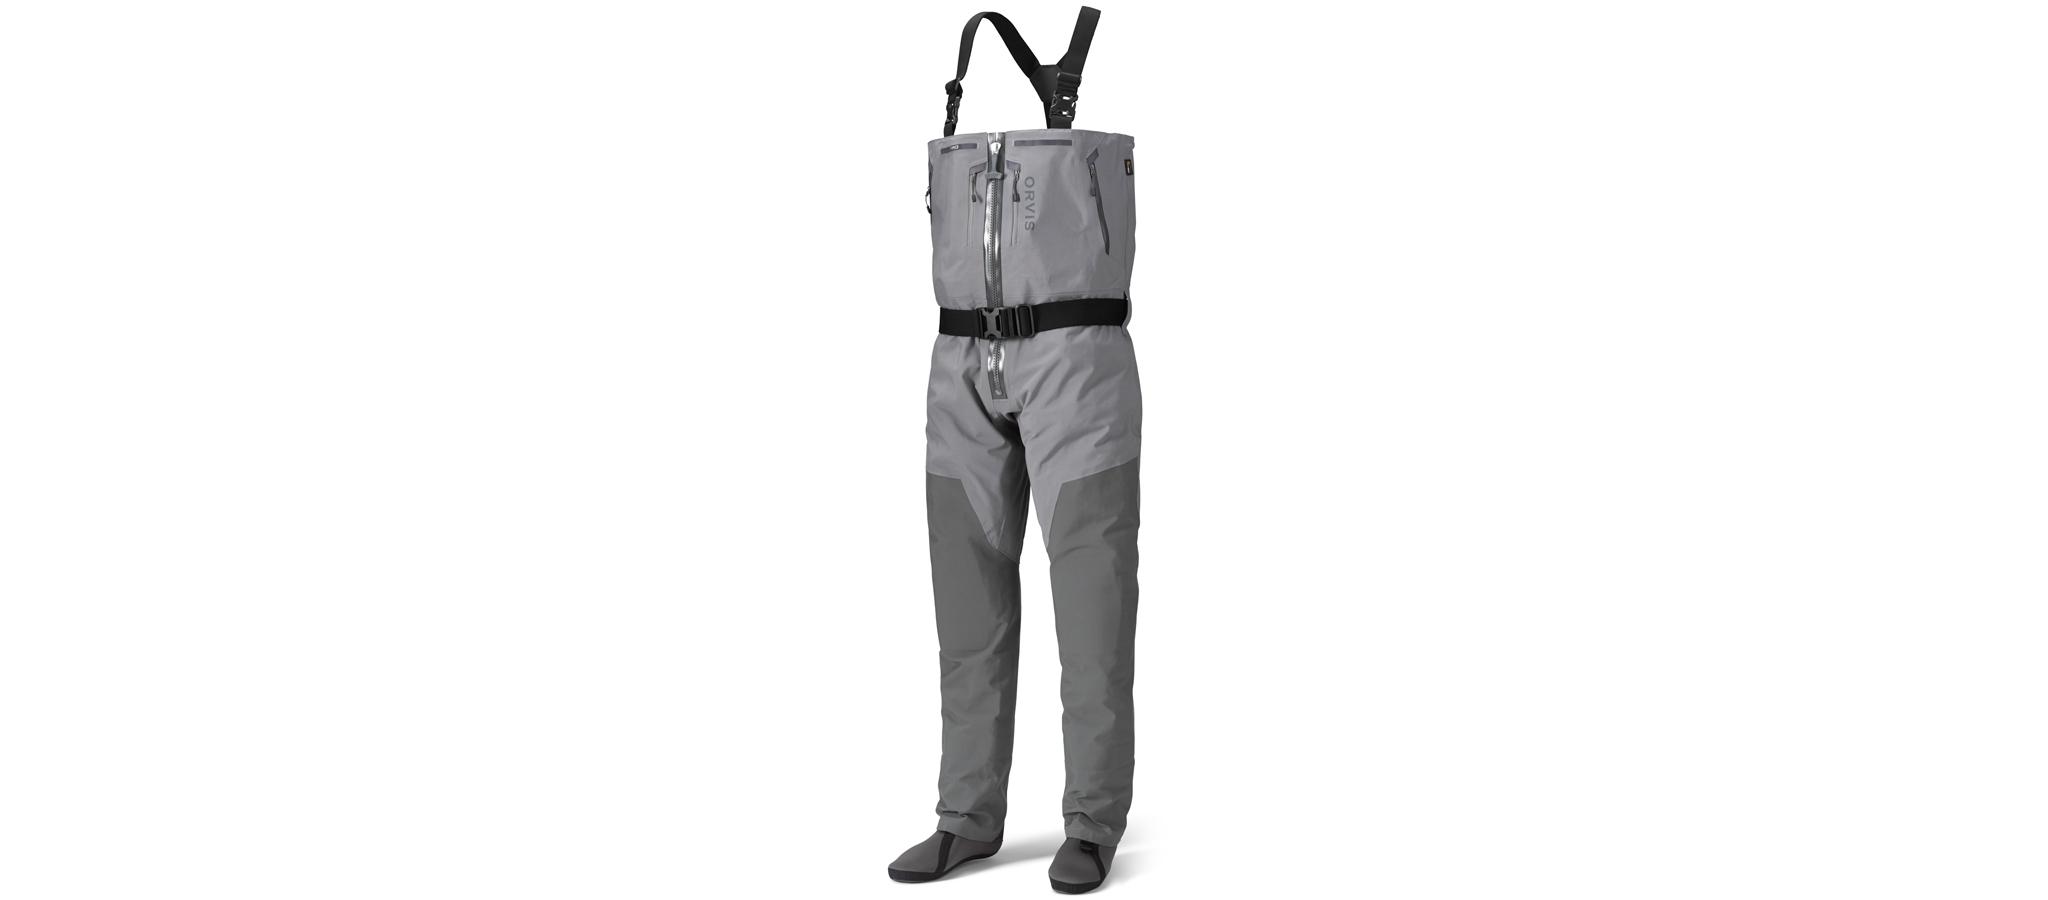 ORVIS-Pro-Zipper-Wader